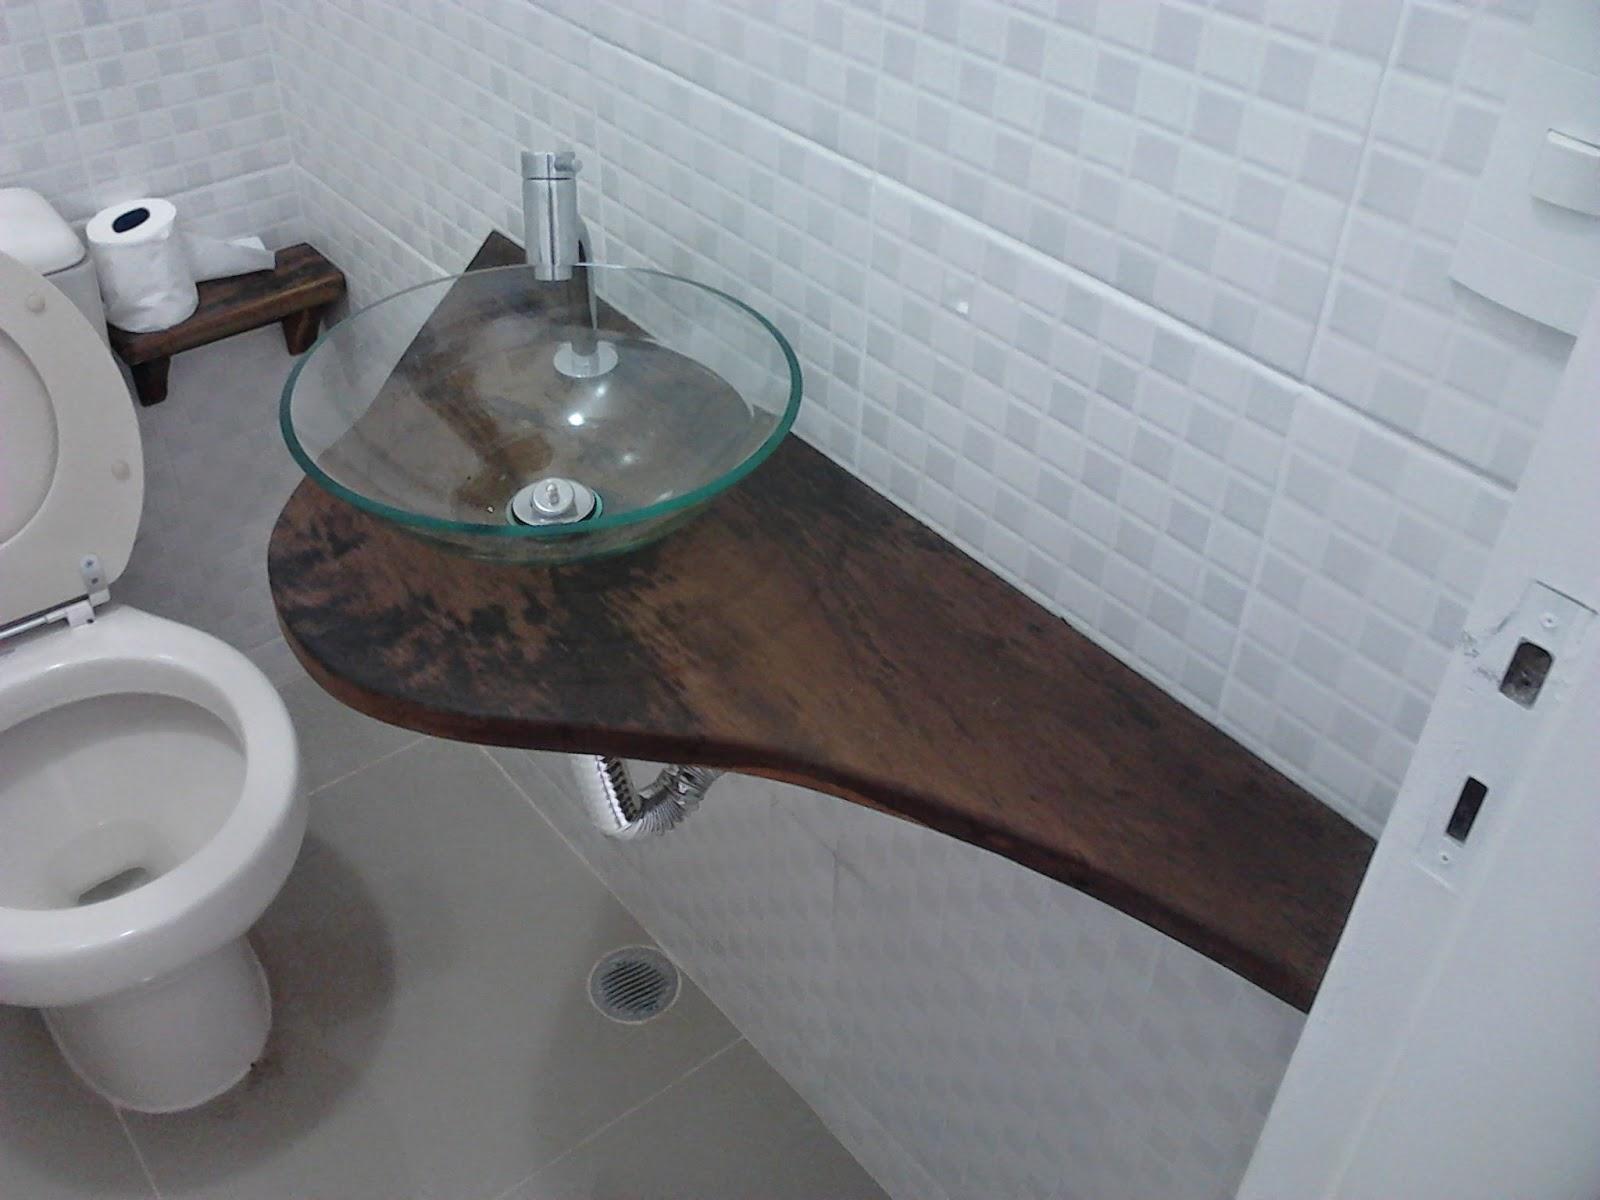 Móveis e Decorações: Bancada de pia de banheiro em demolição #406060 1600x1200 Balcão Para Banheiro Em Madeira De Demolição